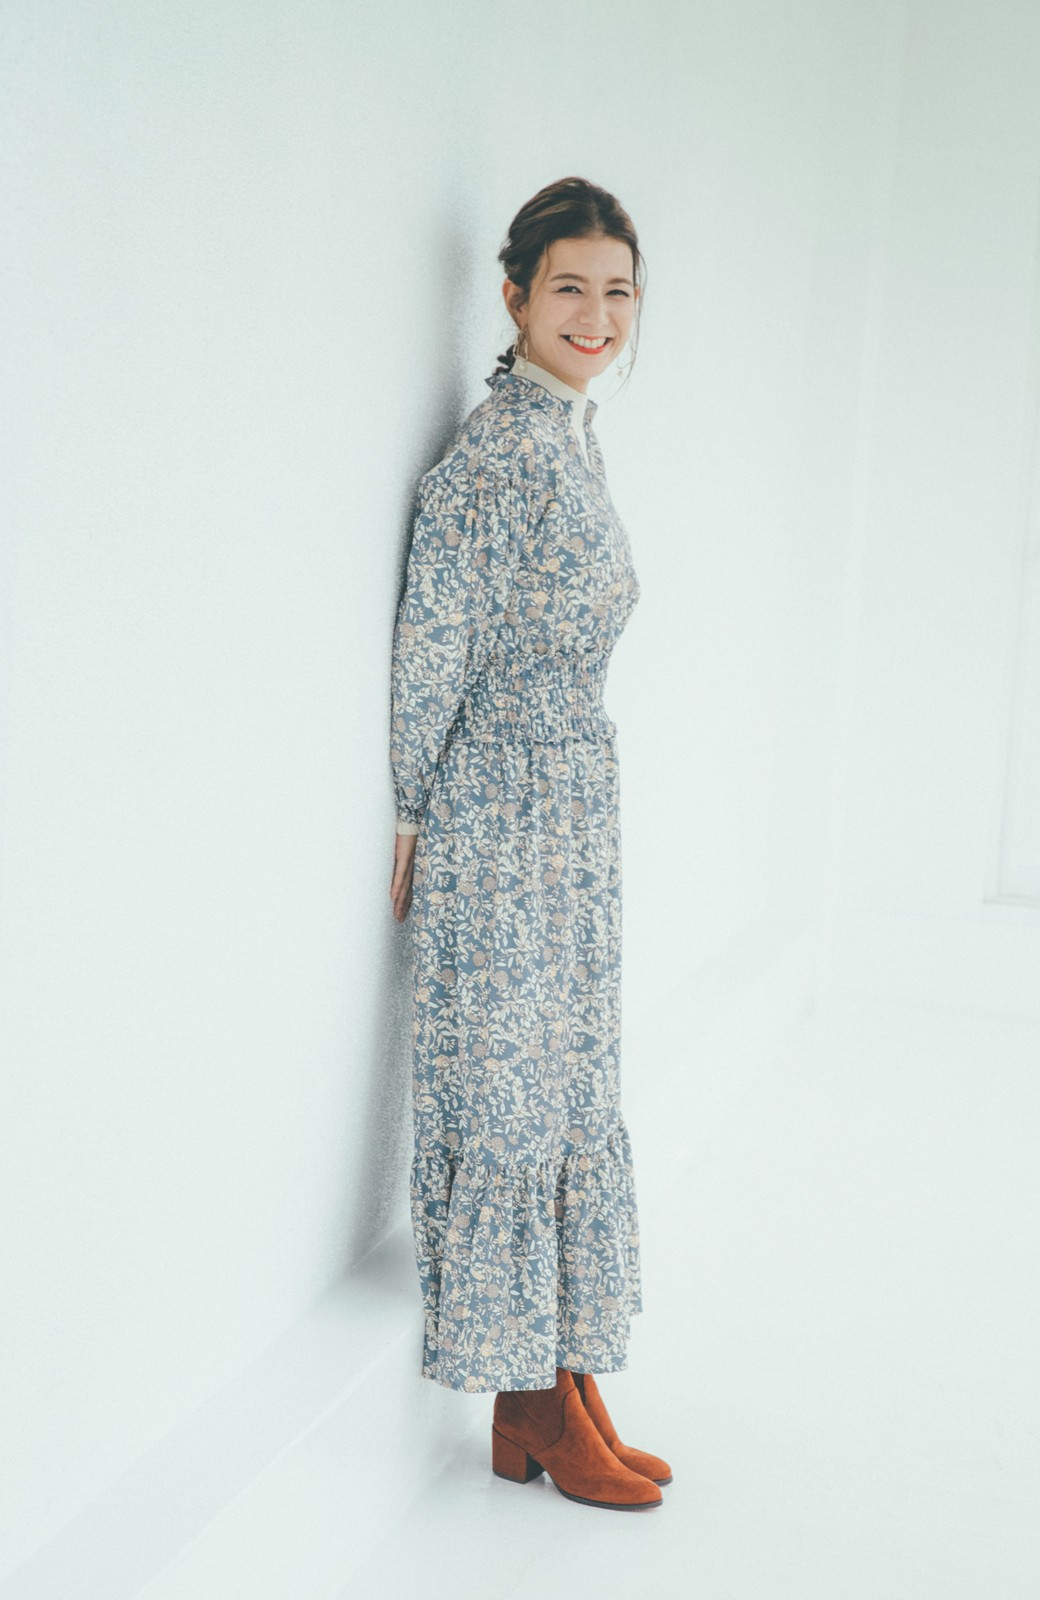 haco! 【スザンヌさんコラボ】大人の華やかさを詰め込んだ ウエストシャーリングのスタイルアップワンピース by LOVE&PEACE PROJECT <ブルー>の商品写真10